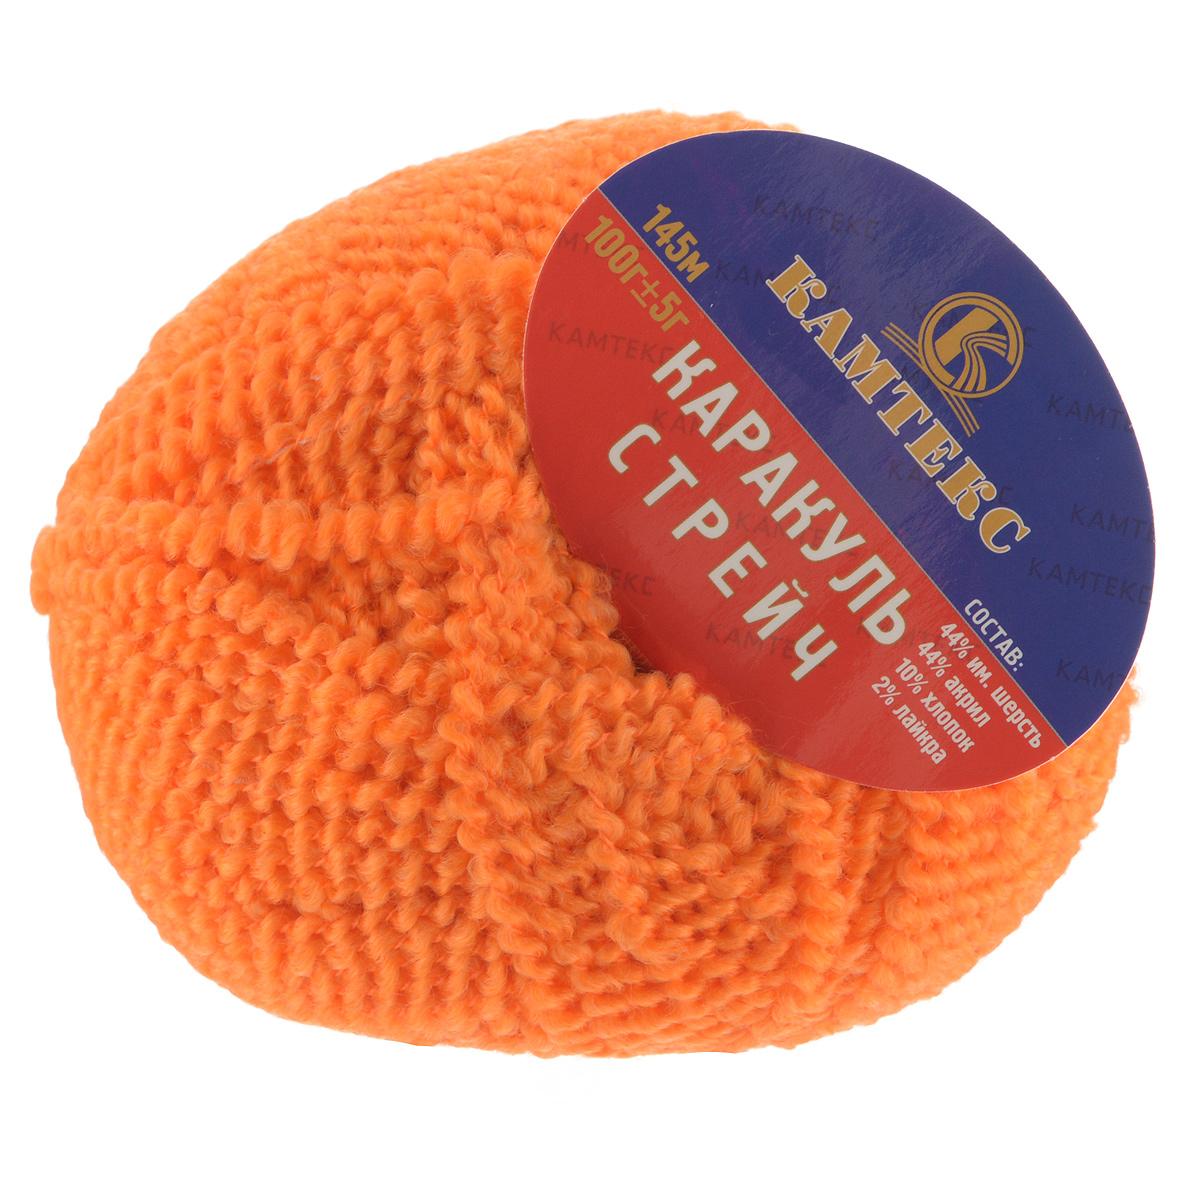 Пряжа для вязания Камтекс Каракуль стрейч, цвет: оранжевый (035), 145 м, 100 г, 10 шт136107_035Пряжа для вязания Камтекс Каракуль стрейч изготовлена из шерсти и акрила с добавлением хлопка и лайкры. Пряжа из такого материала обладает повышенной прочностью и эластичностью, а изделия получаются теплые и уютные. Структура пряжи подобрана таким образом, чтобы изделия из нее сохранили нежность каракулевой шерсти. Благодаря стрейчевому эффекту и присутствию натурального волокна - хлопка, изделия получаются более воздушными и по виду похожи на каракуль. Подходит для теплых зимних и осенних вещей: пальто, шарфов, шапок, муфт, свитеров. При вязании рекомендуется для начала связать опытный образец и потом вести расчет. Эффект резинки зависит от технологии вязки и от номера спицы. Рекомендуемый размер спиц и крючка: №5-8. Комплектация: 10 мотков. Состав: 44% шерсть, 44% акрил, 10% хлопок, 2% лайкра.